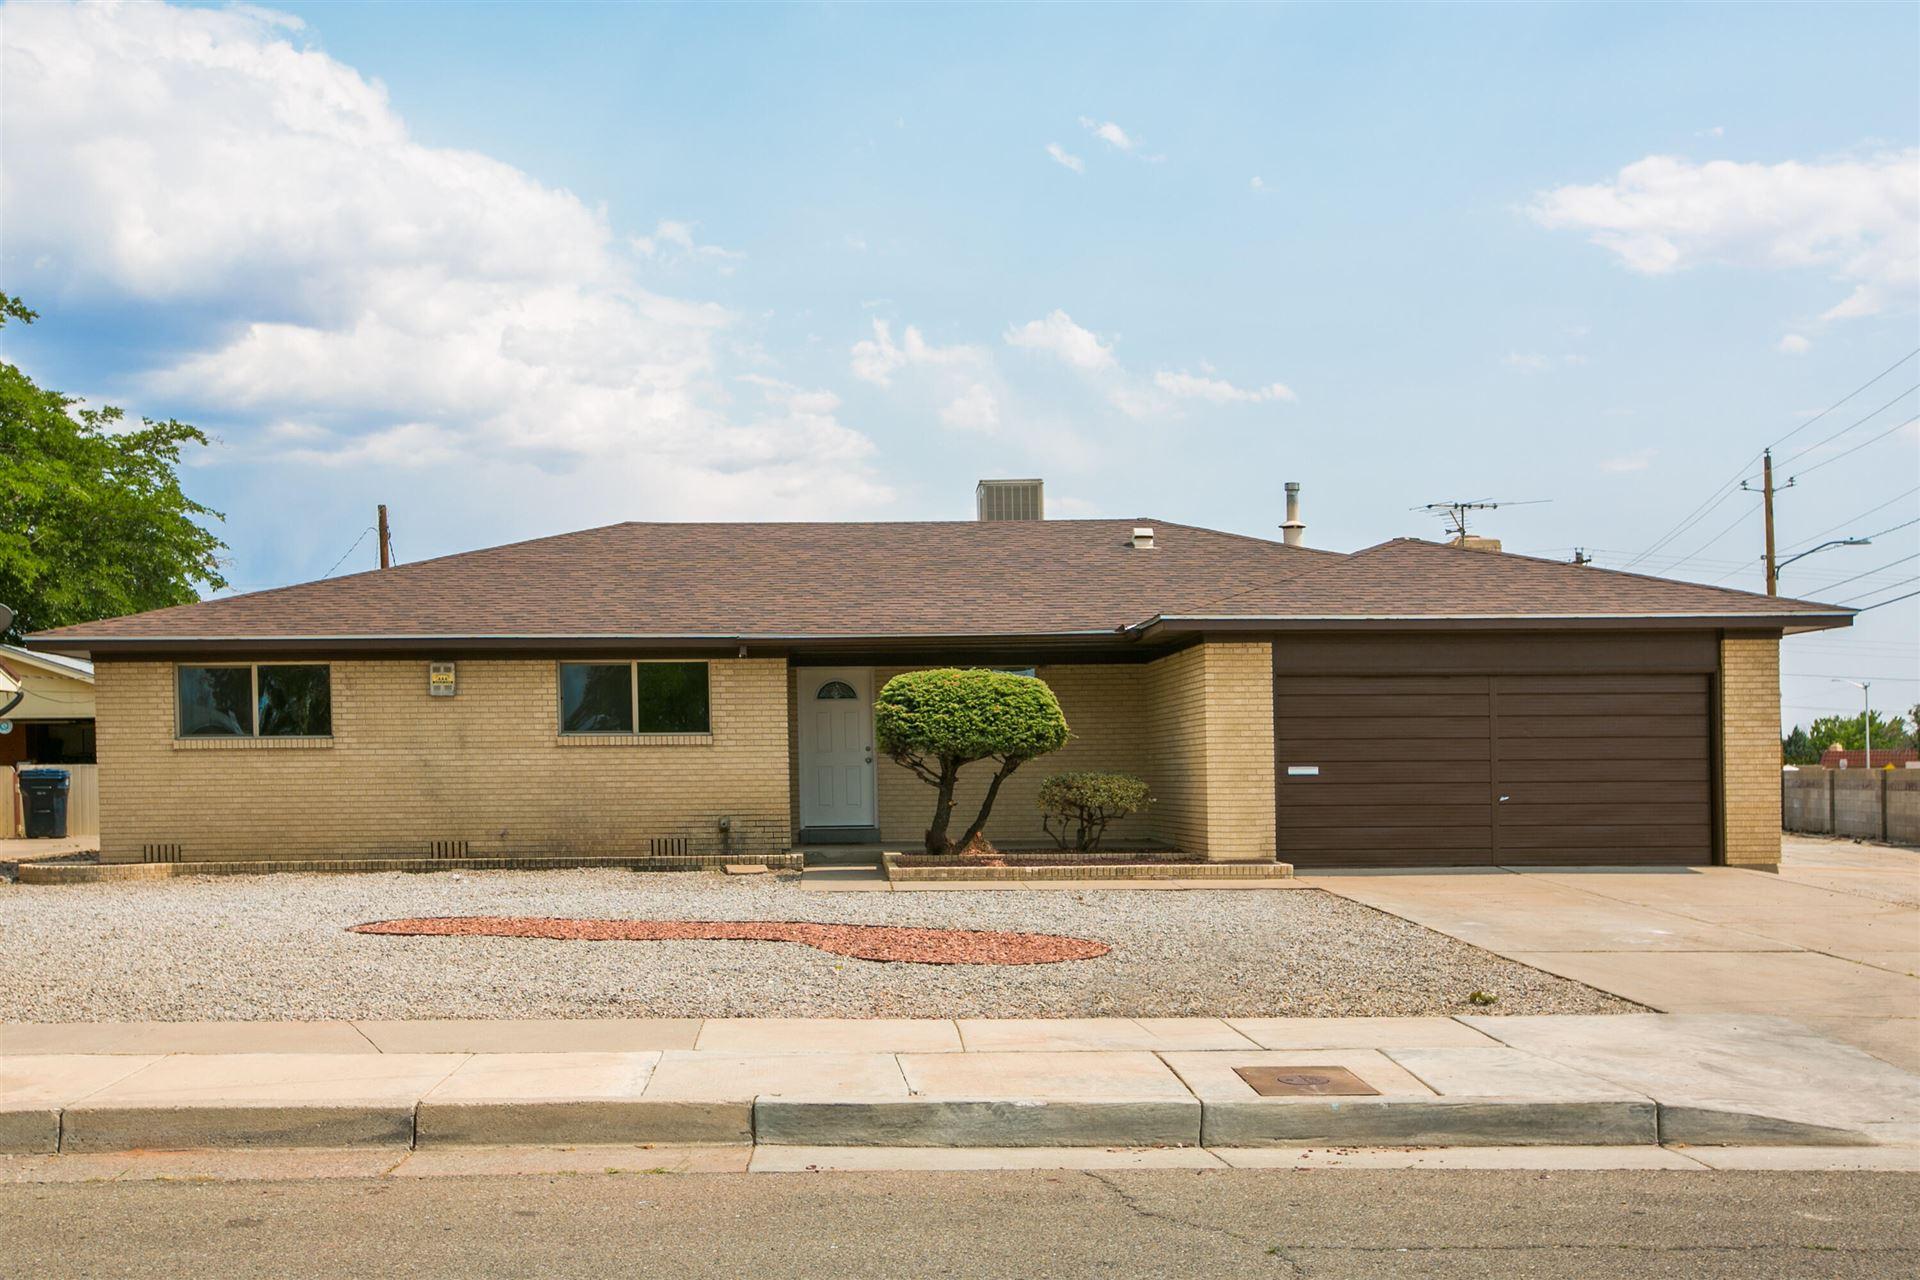 Photo of 7000 DELLWOOD Road NE, Albuquerque, NM 87110 (MLS # 994682)